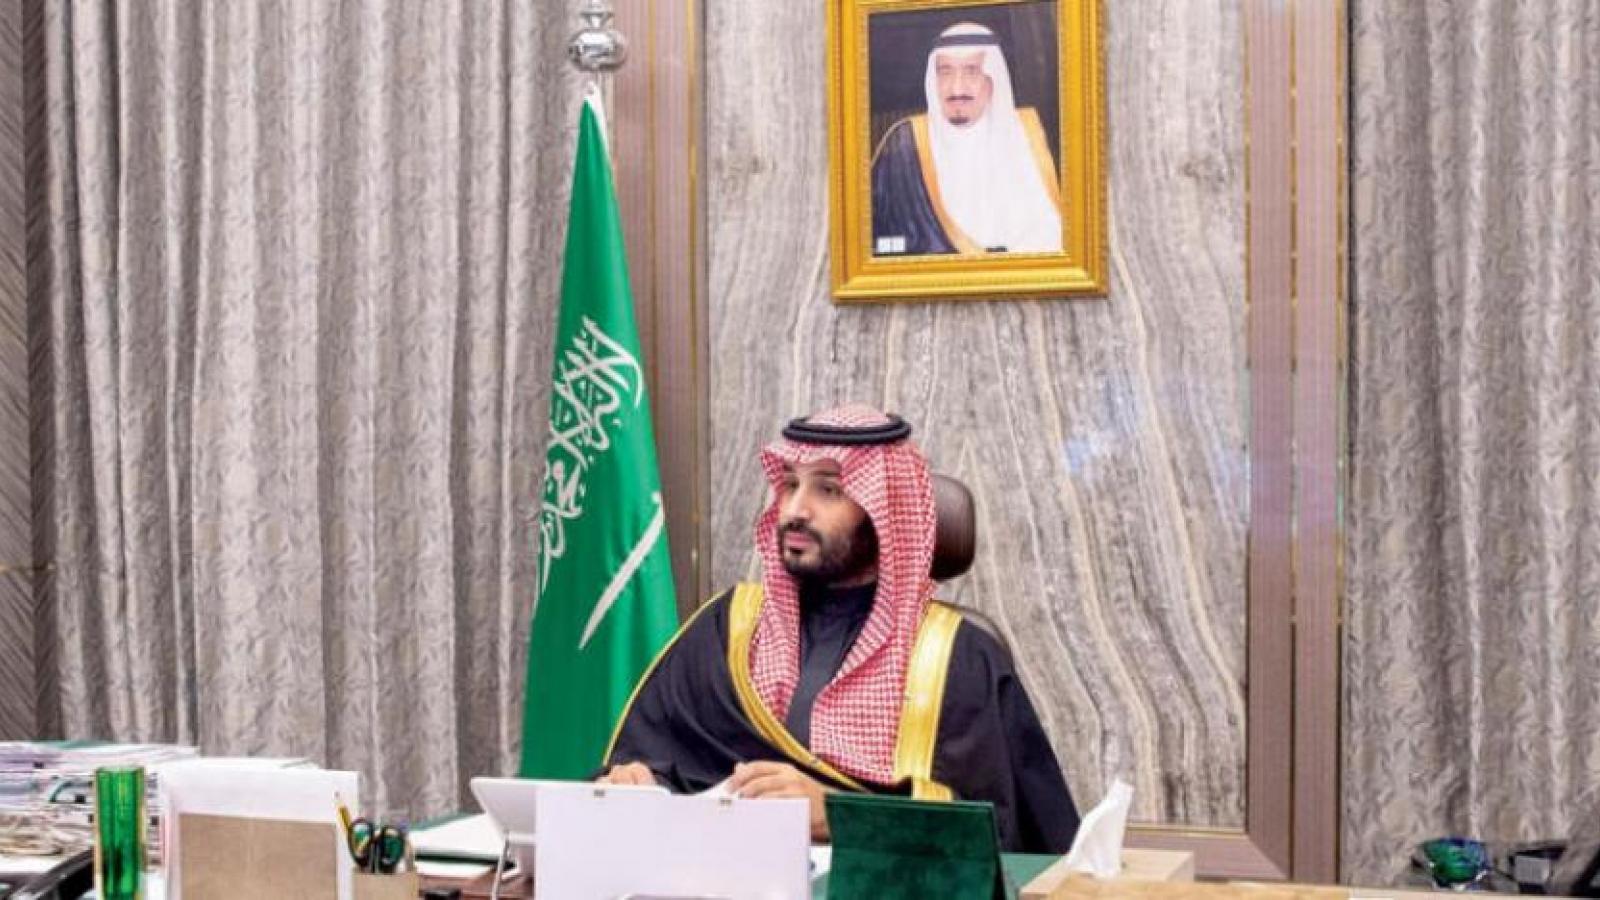 Saudi Arabia giới thiệu những dự án chống biến đổi khí hậu đầy tham vọng